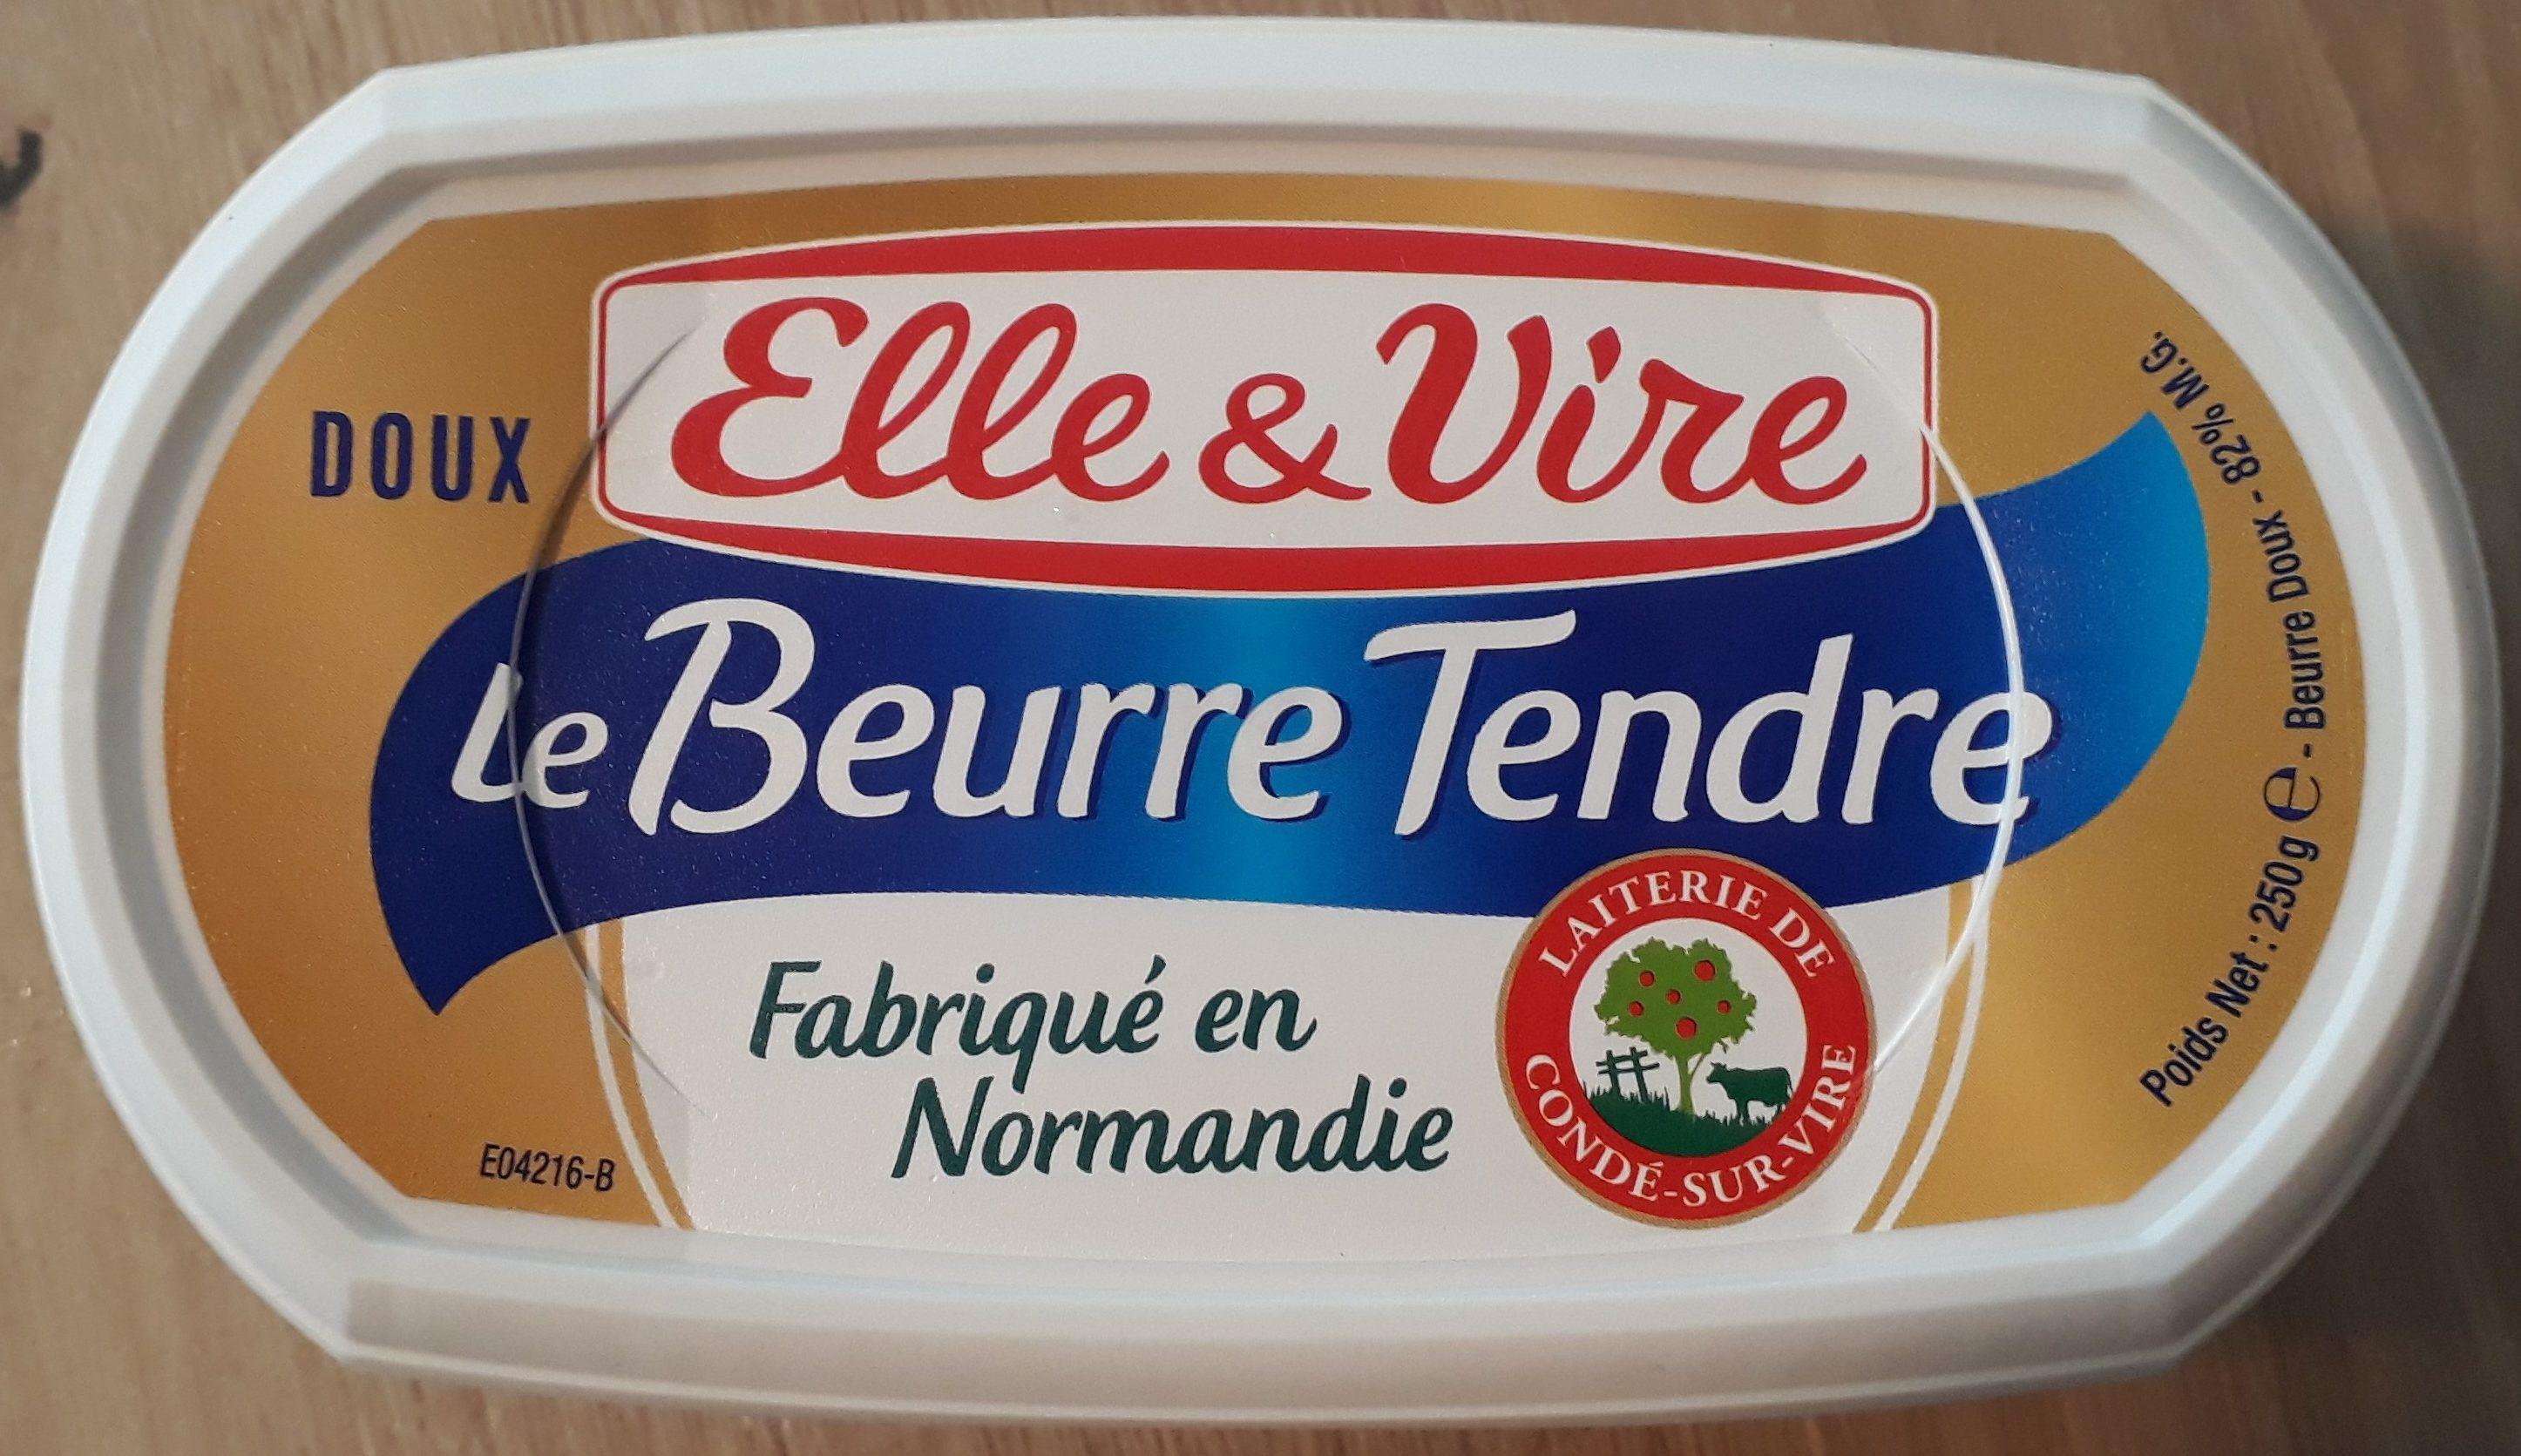 Le Beurre Tendre, doux - Prodotto - fr